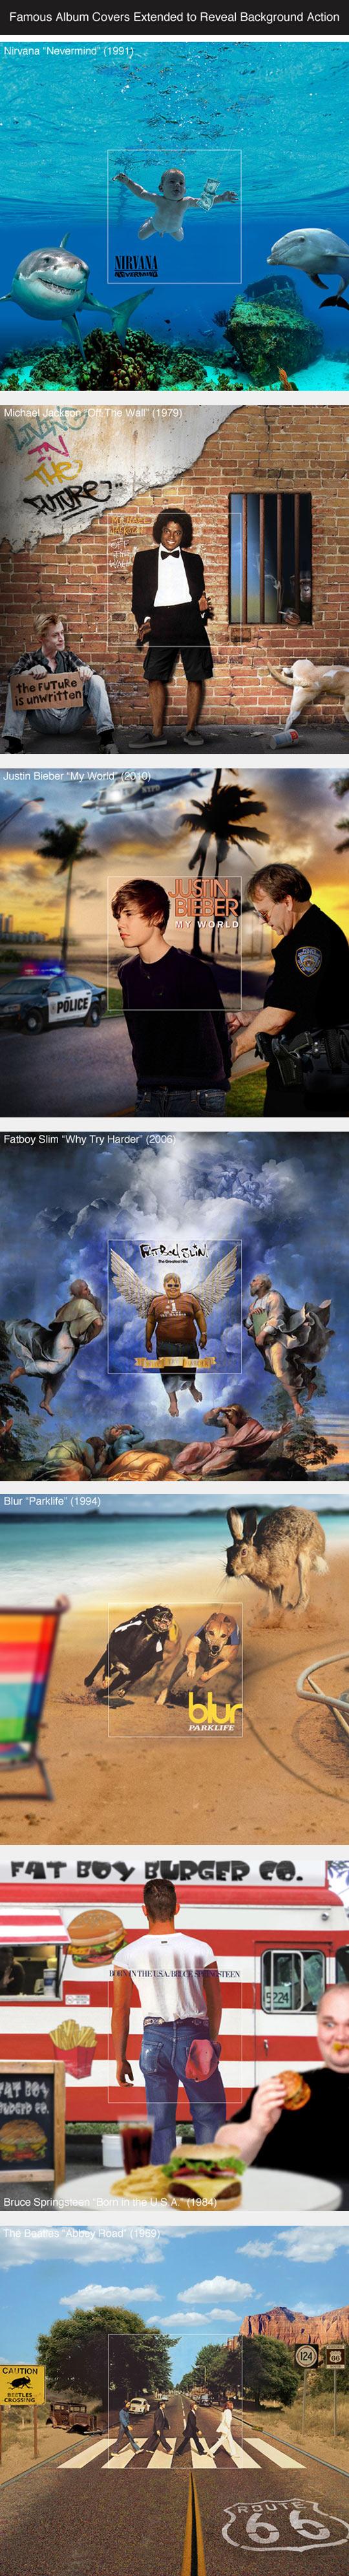 funny-iconic-album-cover-Nirvana-Beatles